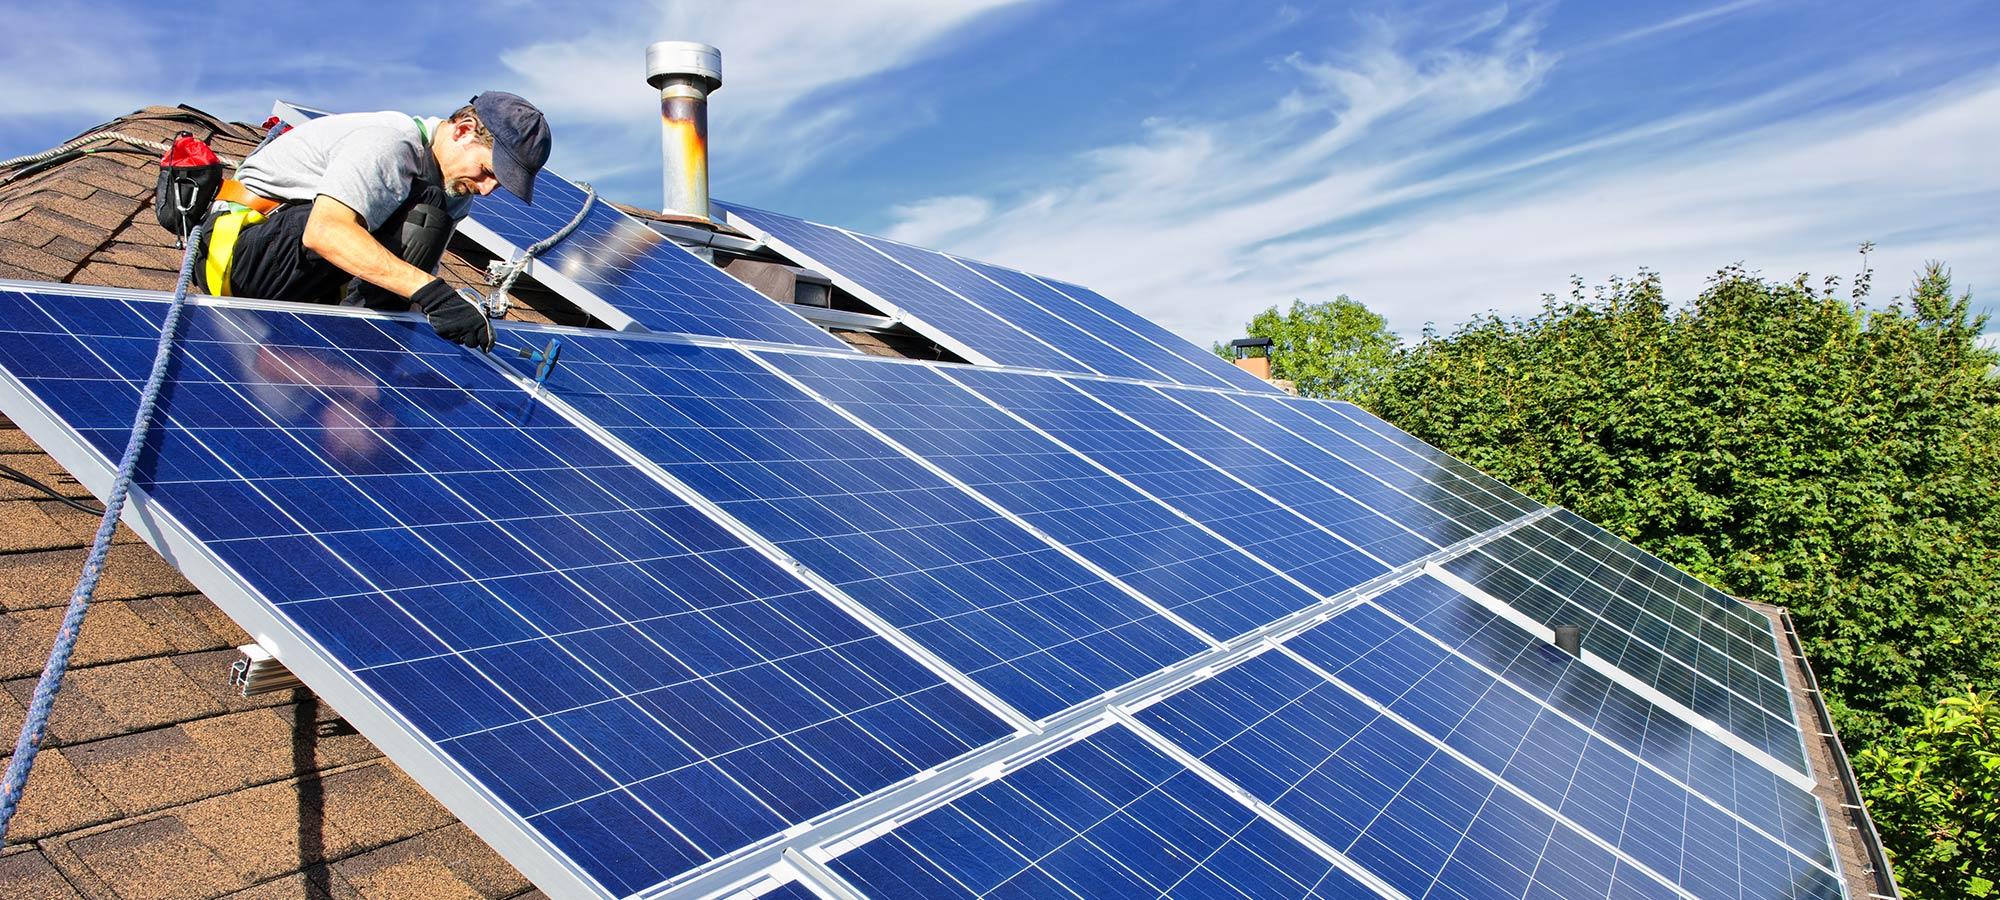 Addetto mentre installa pannelli solari sul tetto